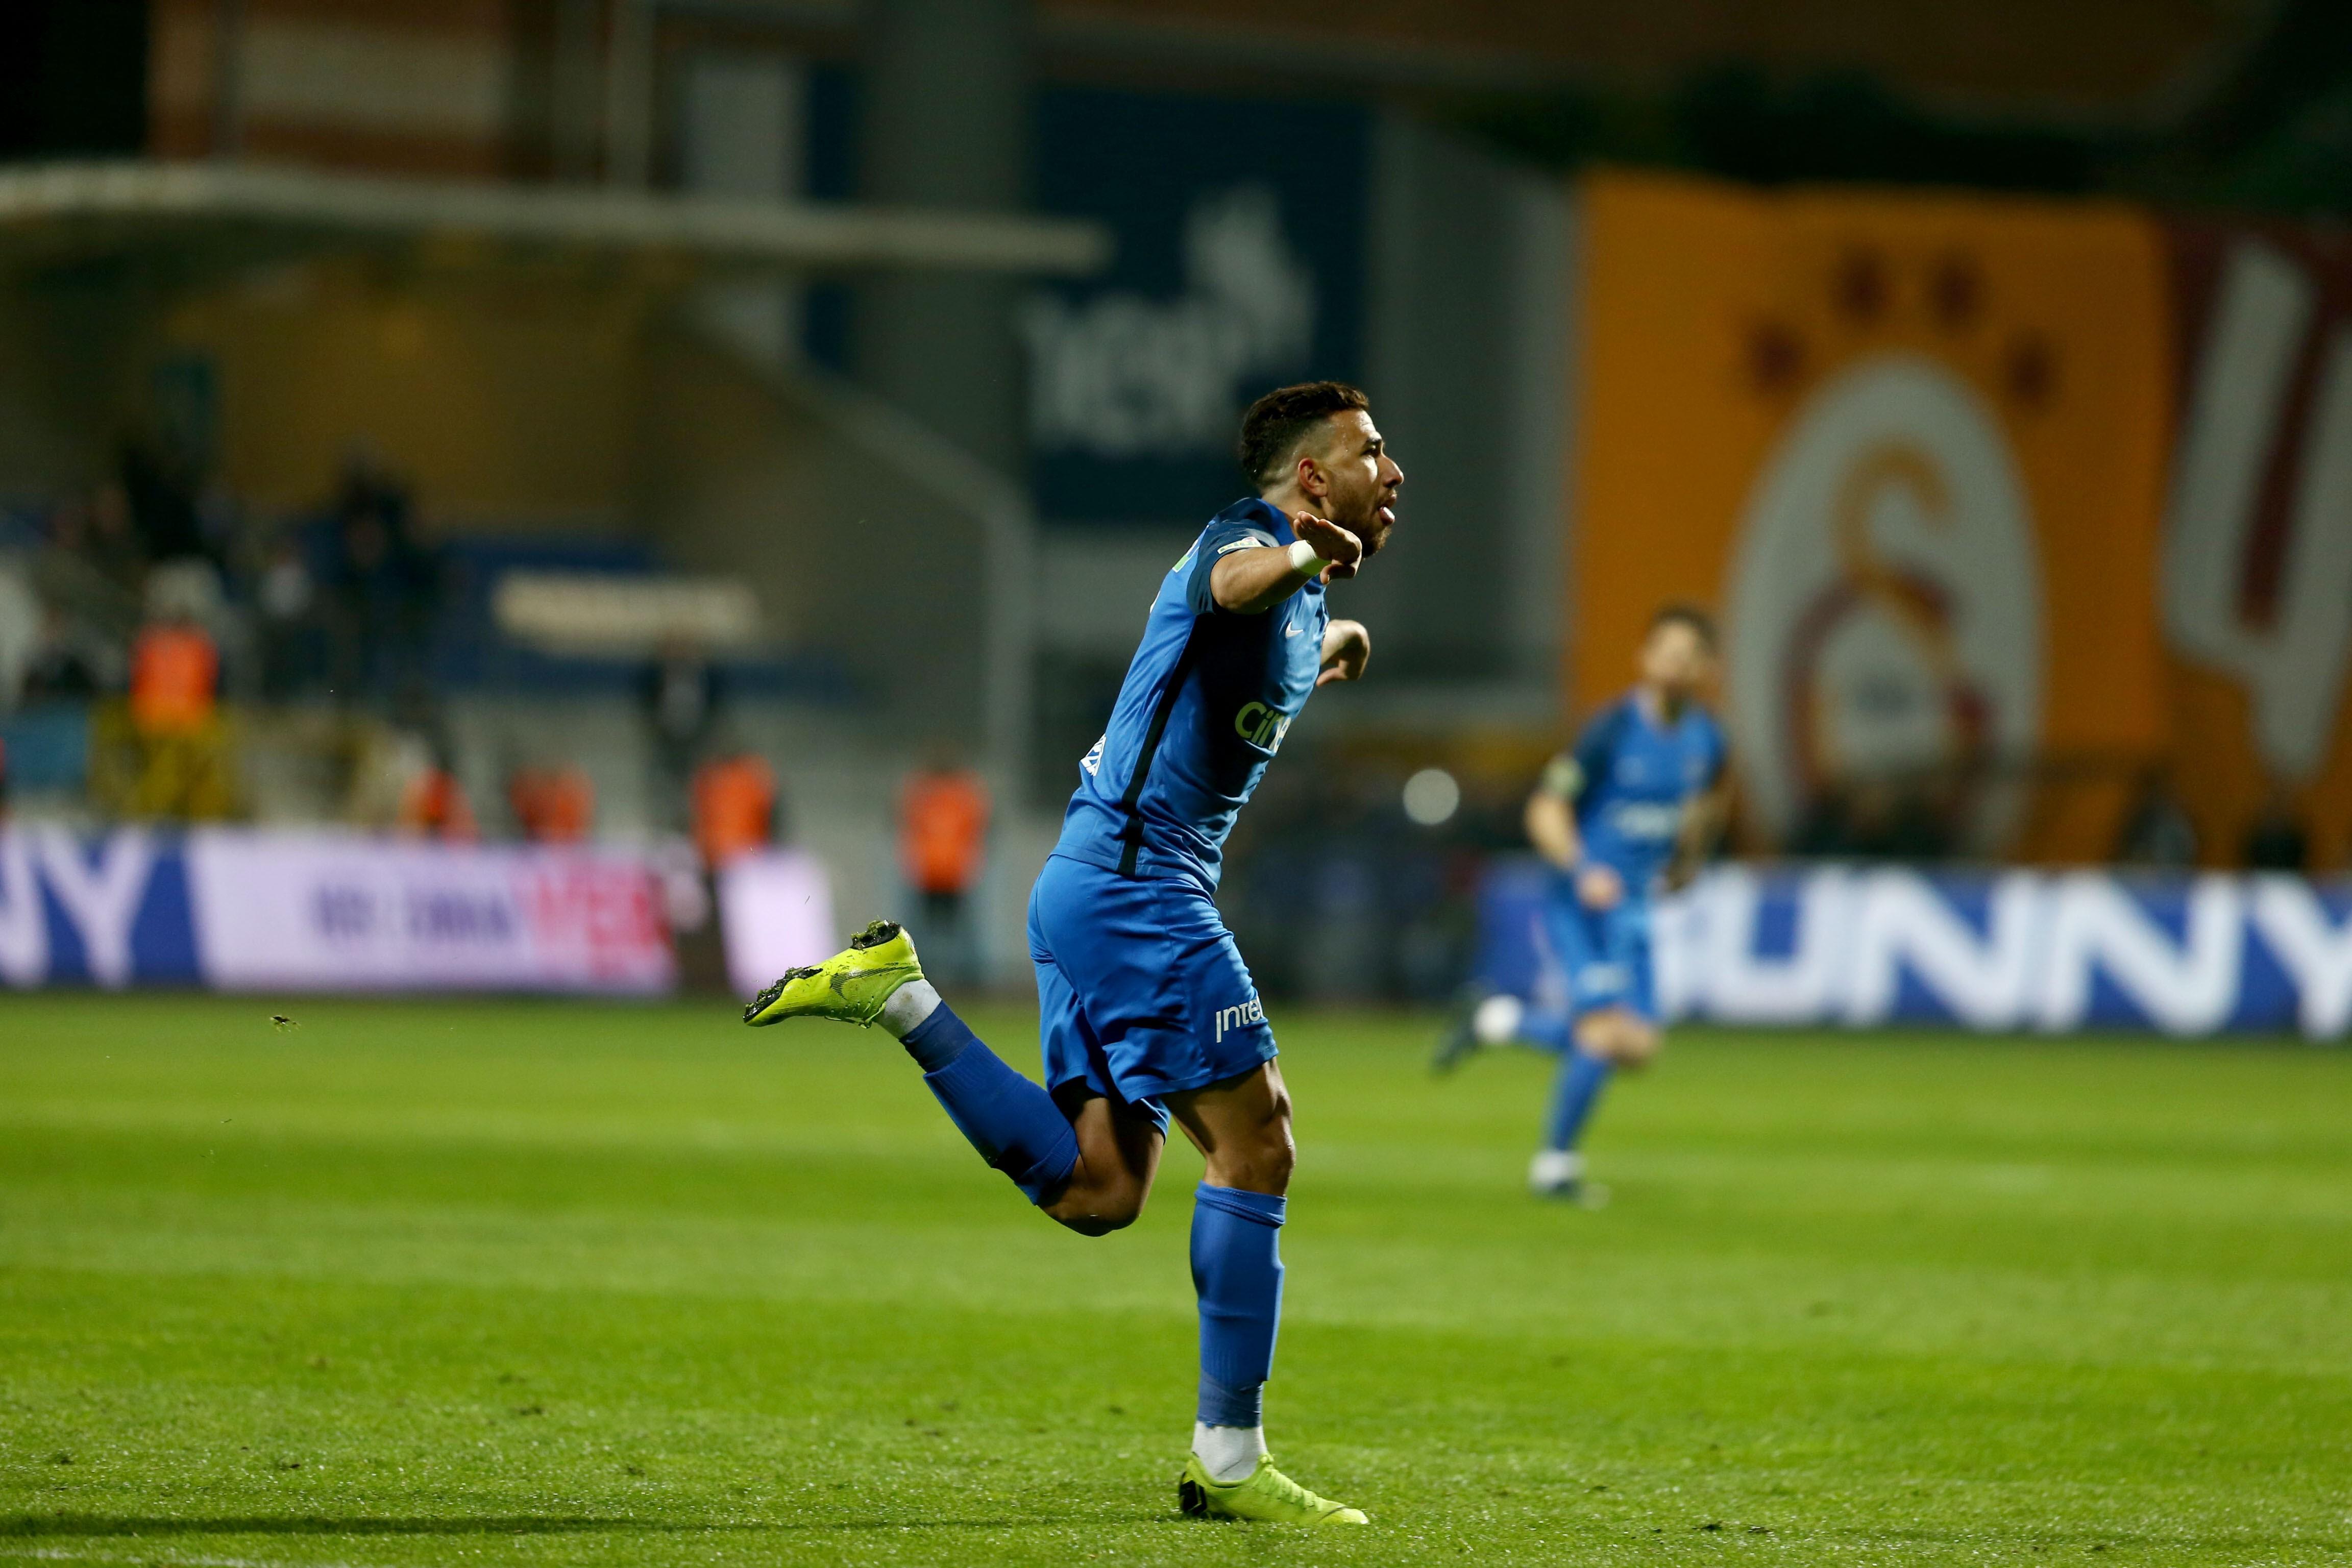 Report: Aston Villa make 10 million pound offer for Egyptian winger